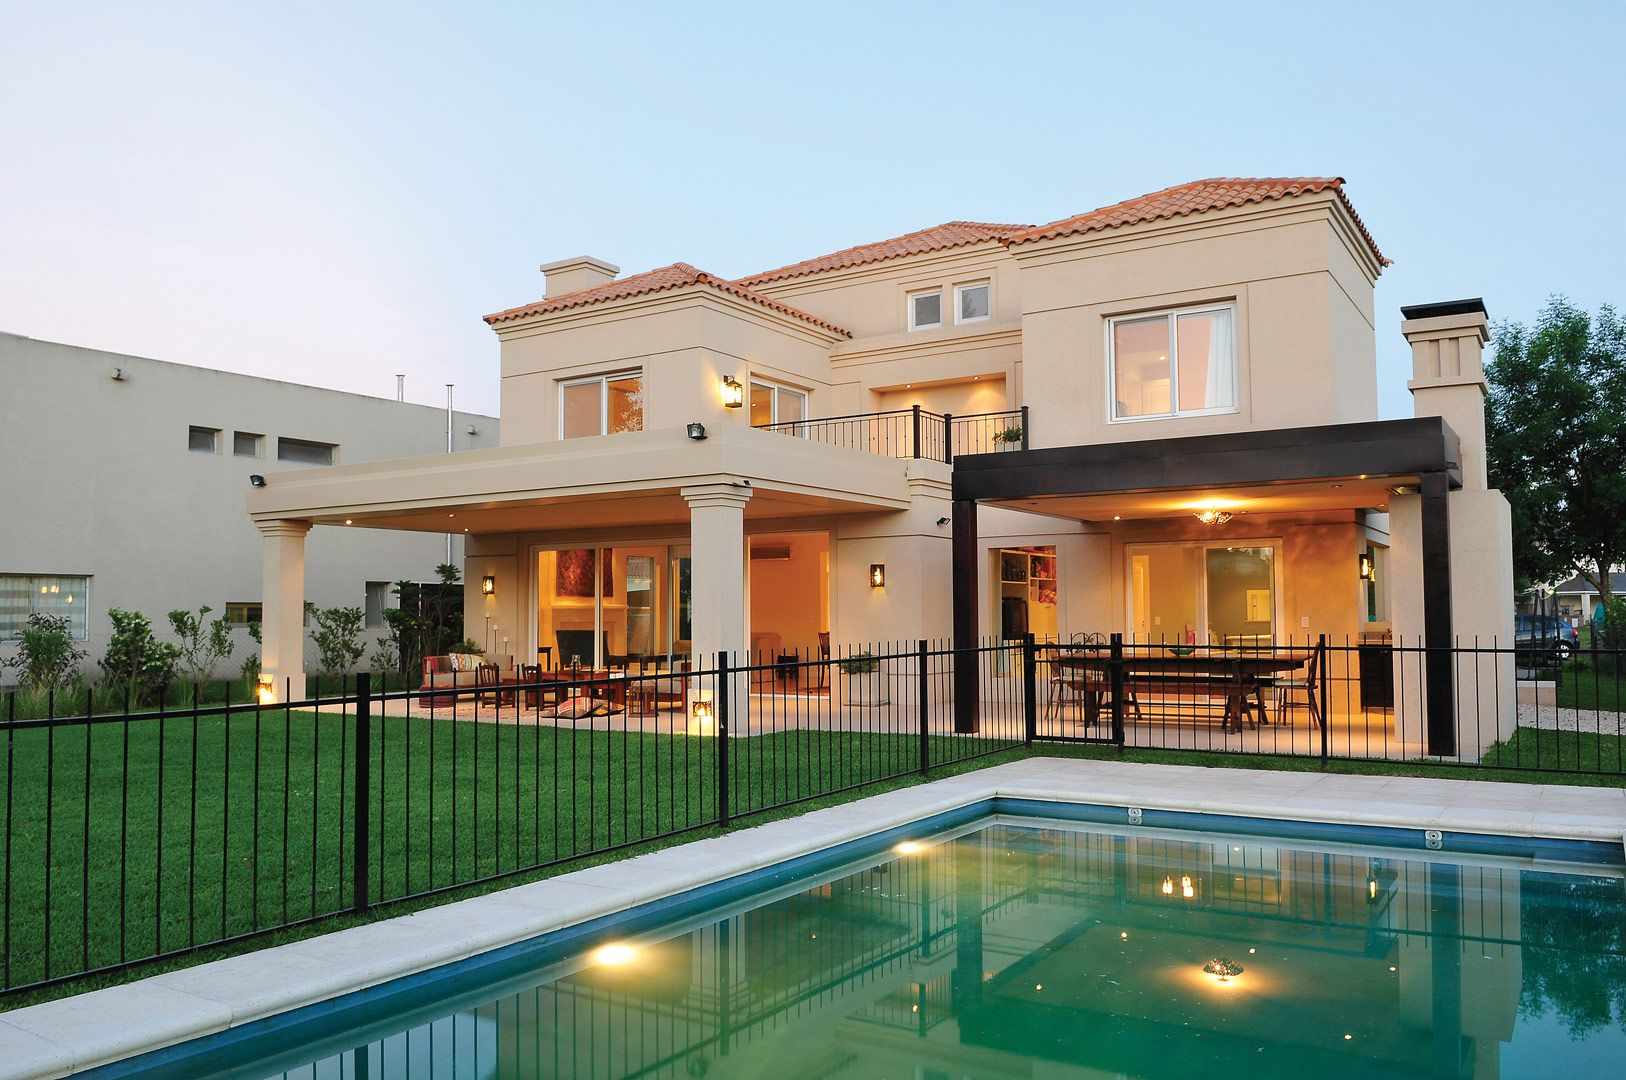 Junor arquitectos favoritos casas casas modernas y for Fachadas de casas estilo clasico